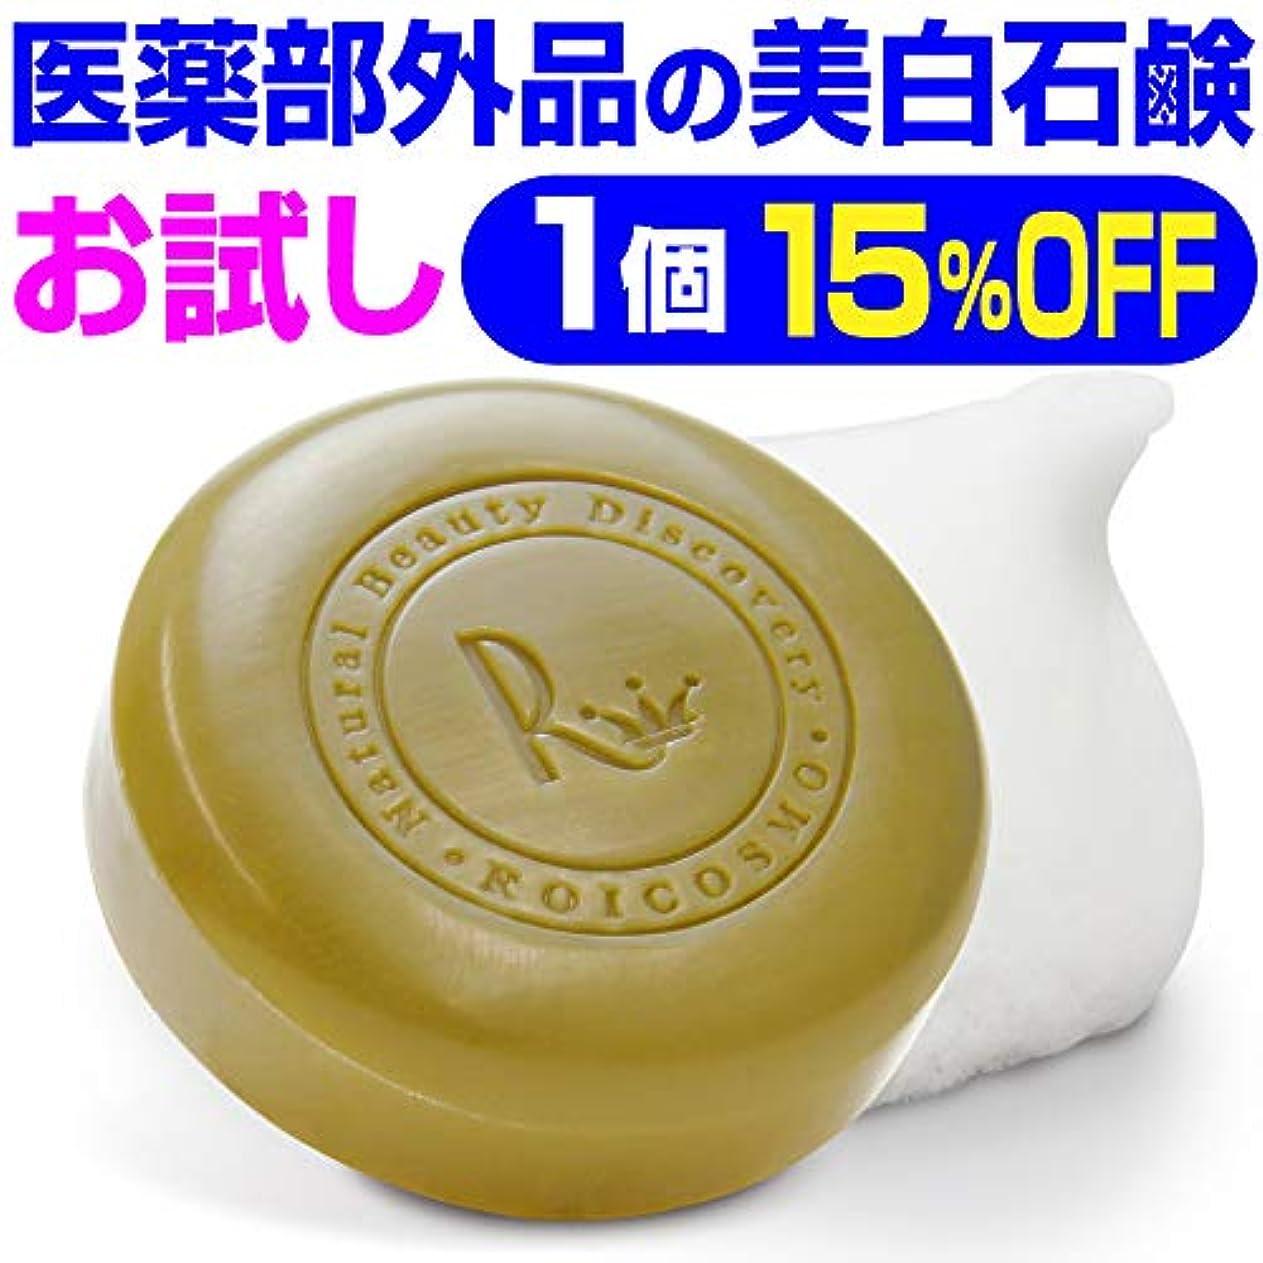 北代替不安定なお試し15%OFF ビタミンC270倍の美白成分配合の 洗顔石鹸 固形『ホワイトソープ100g×1個』(初回限定)